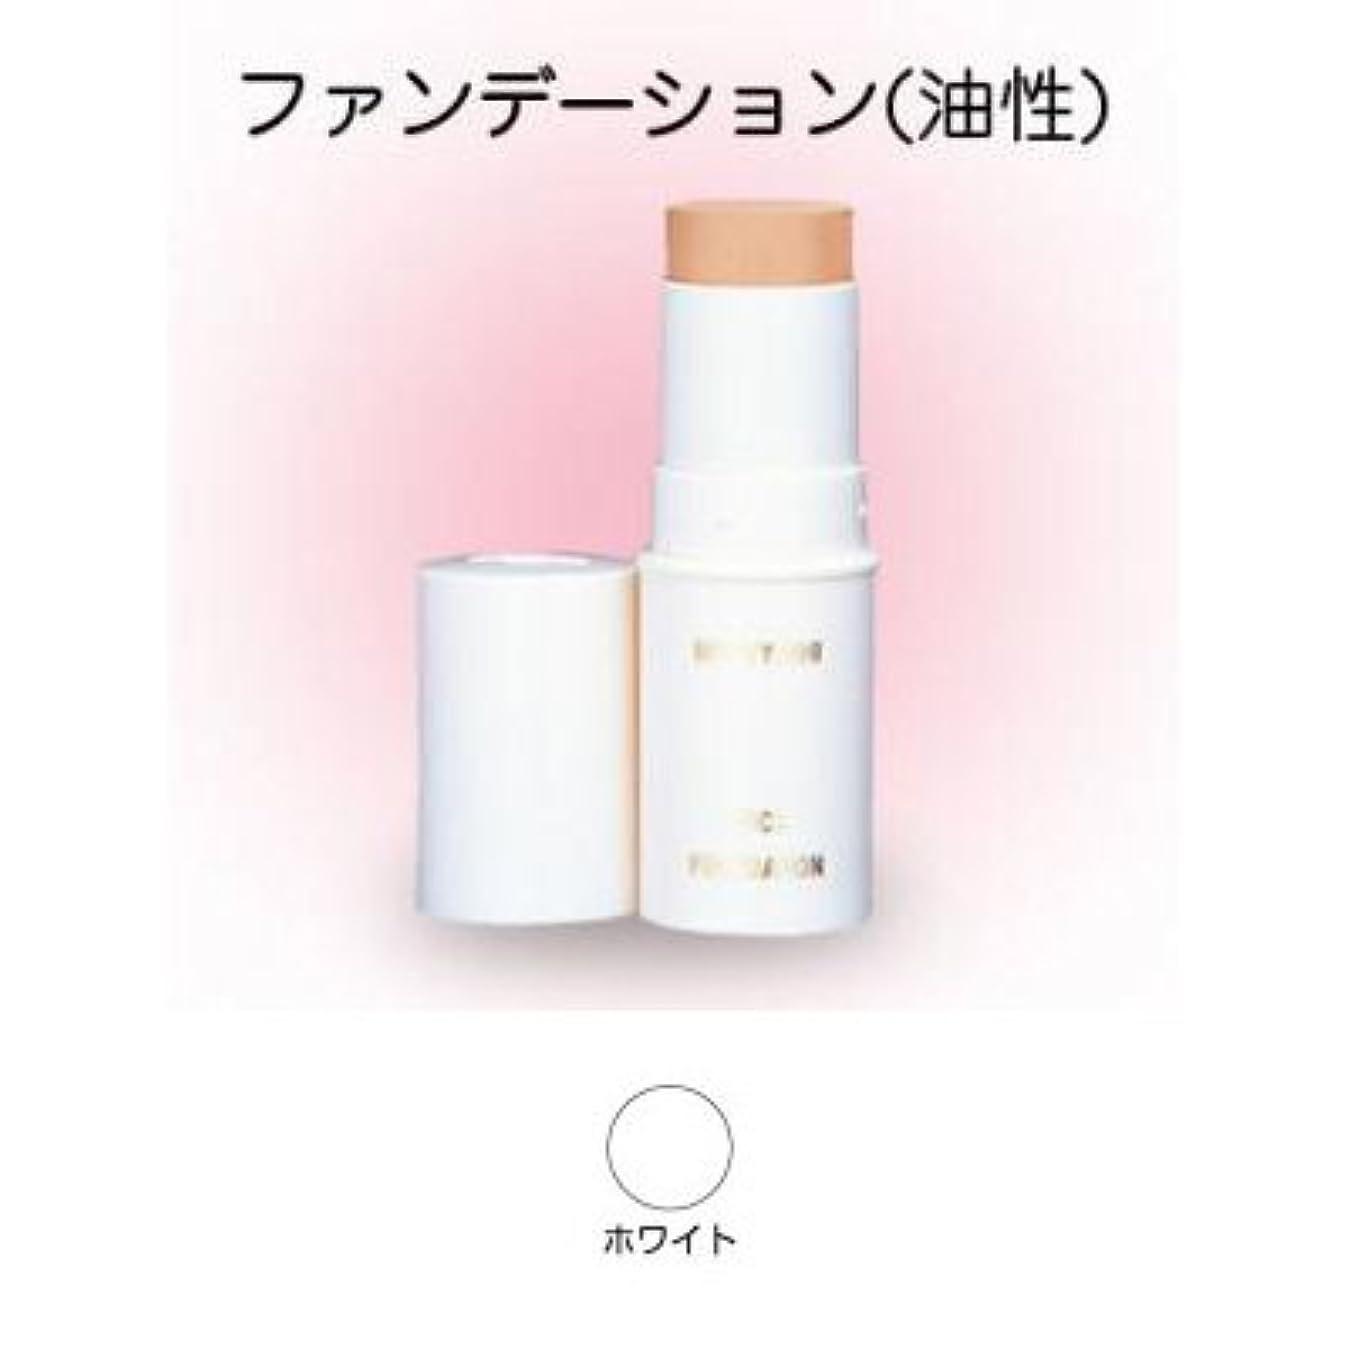 シャーとても多くのアグネスグレイスティックファンデーション 16g ホワイト 【三善】